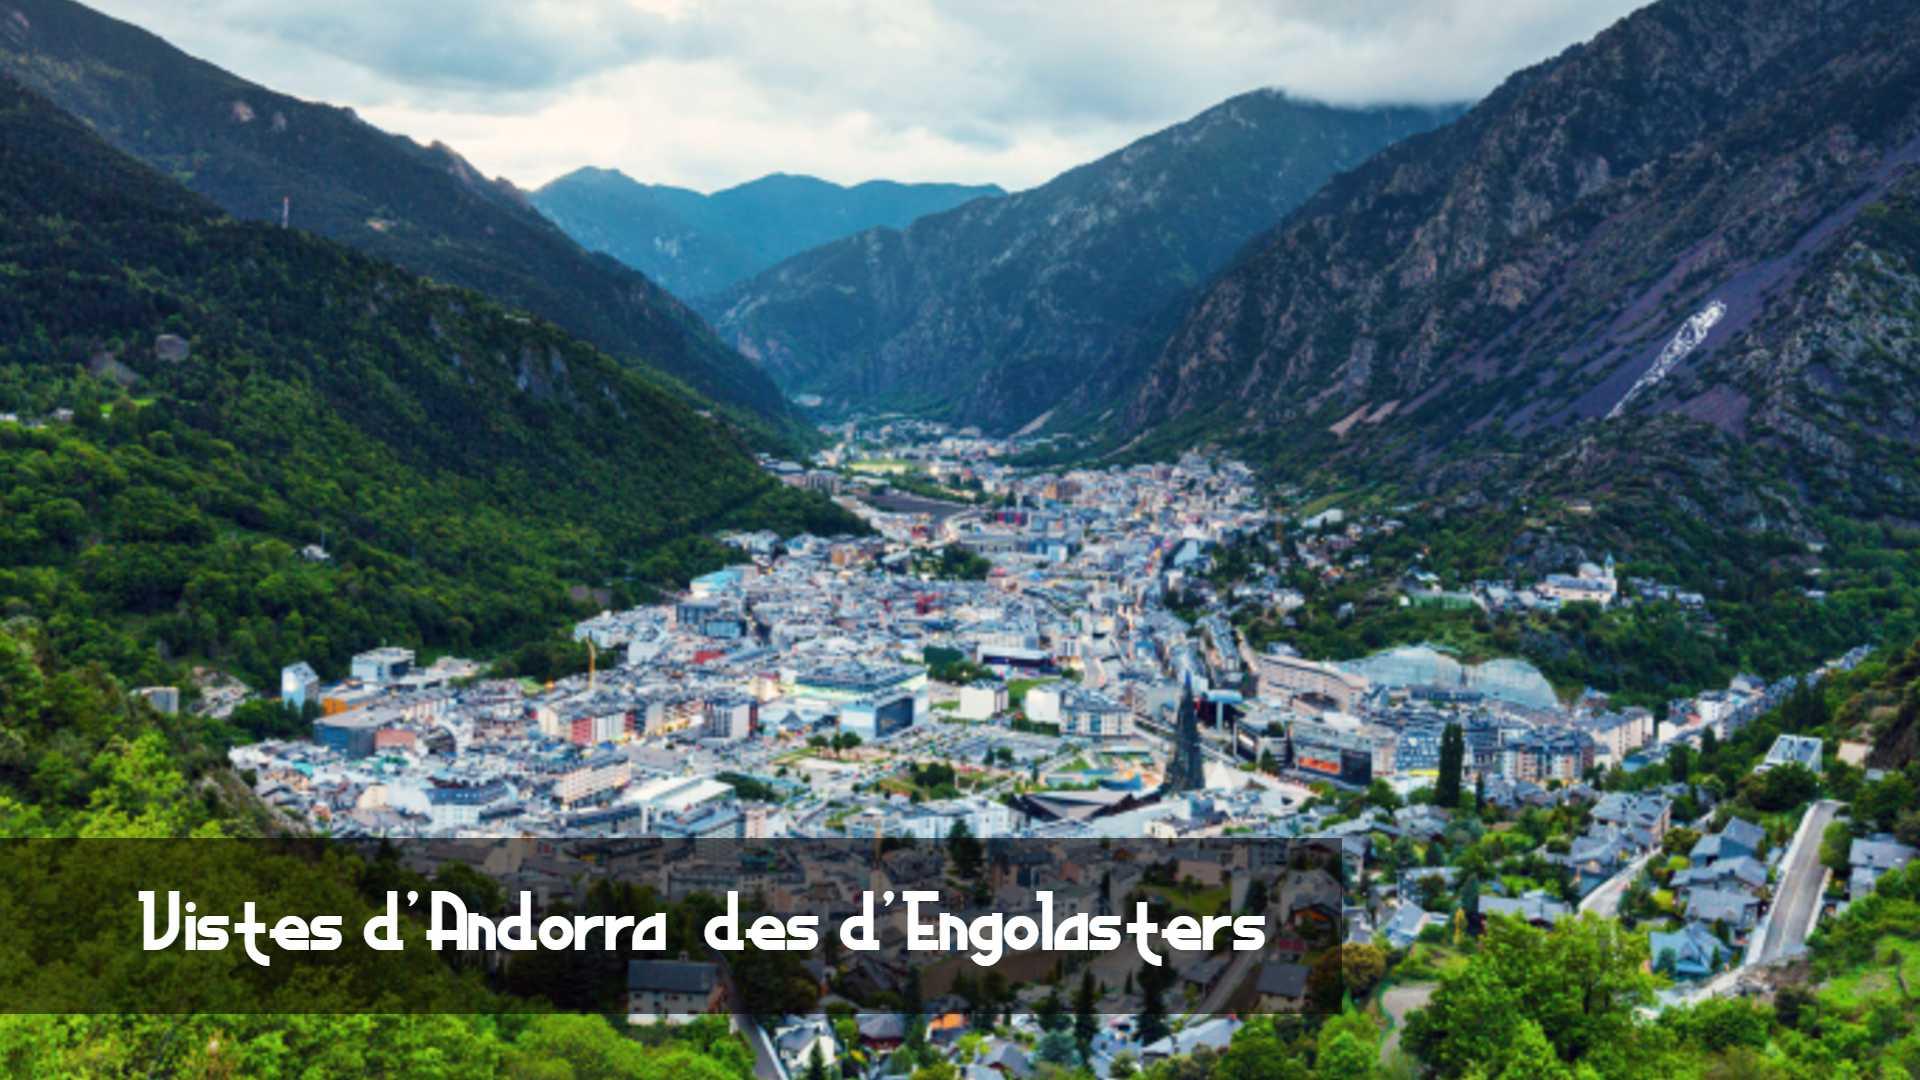 Vistes Andorra Engolasters